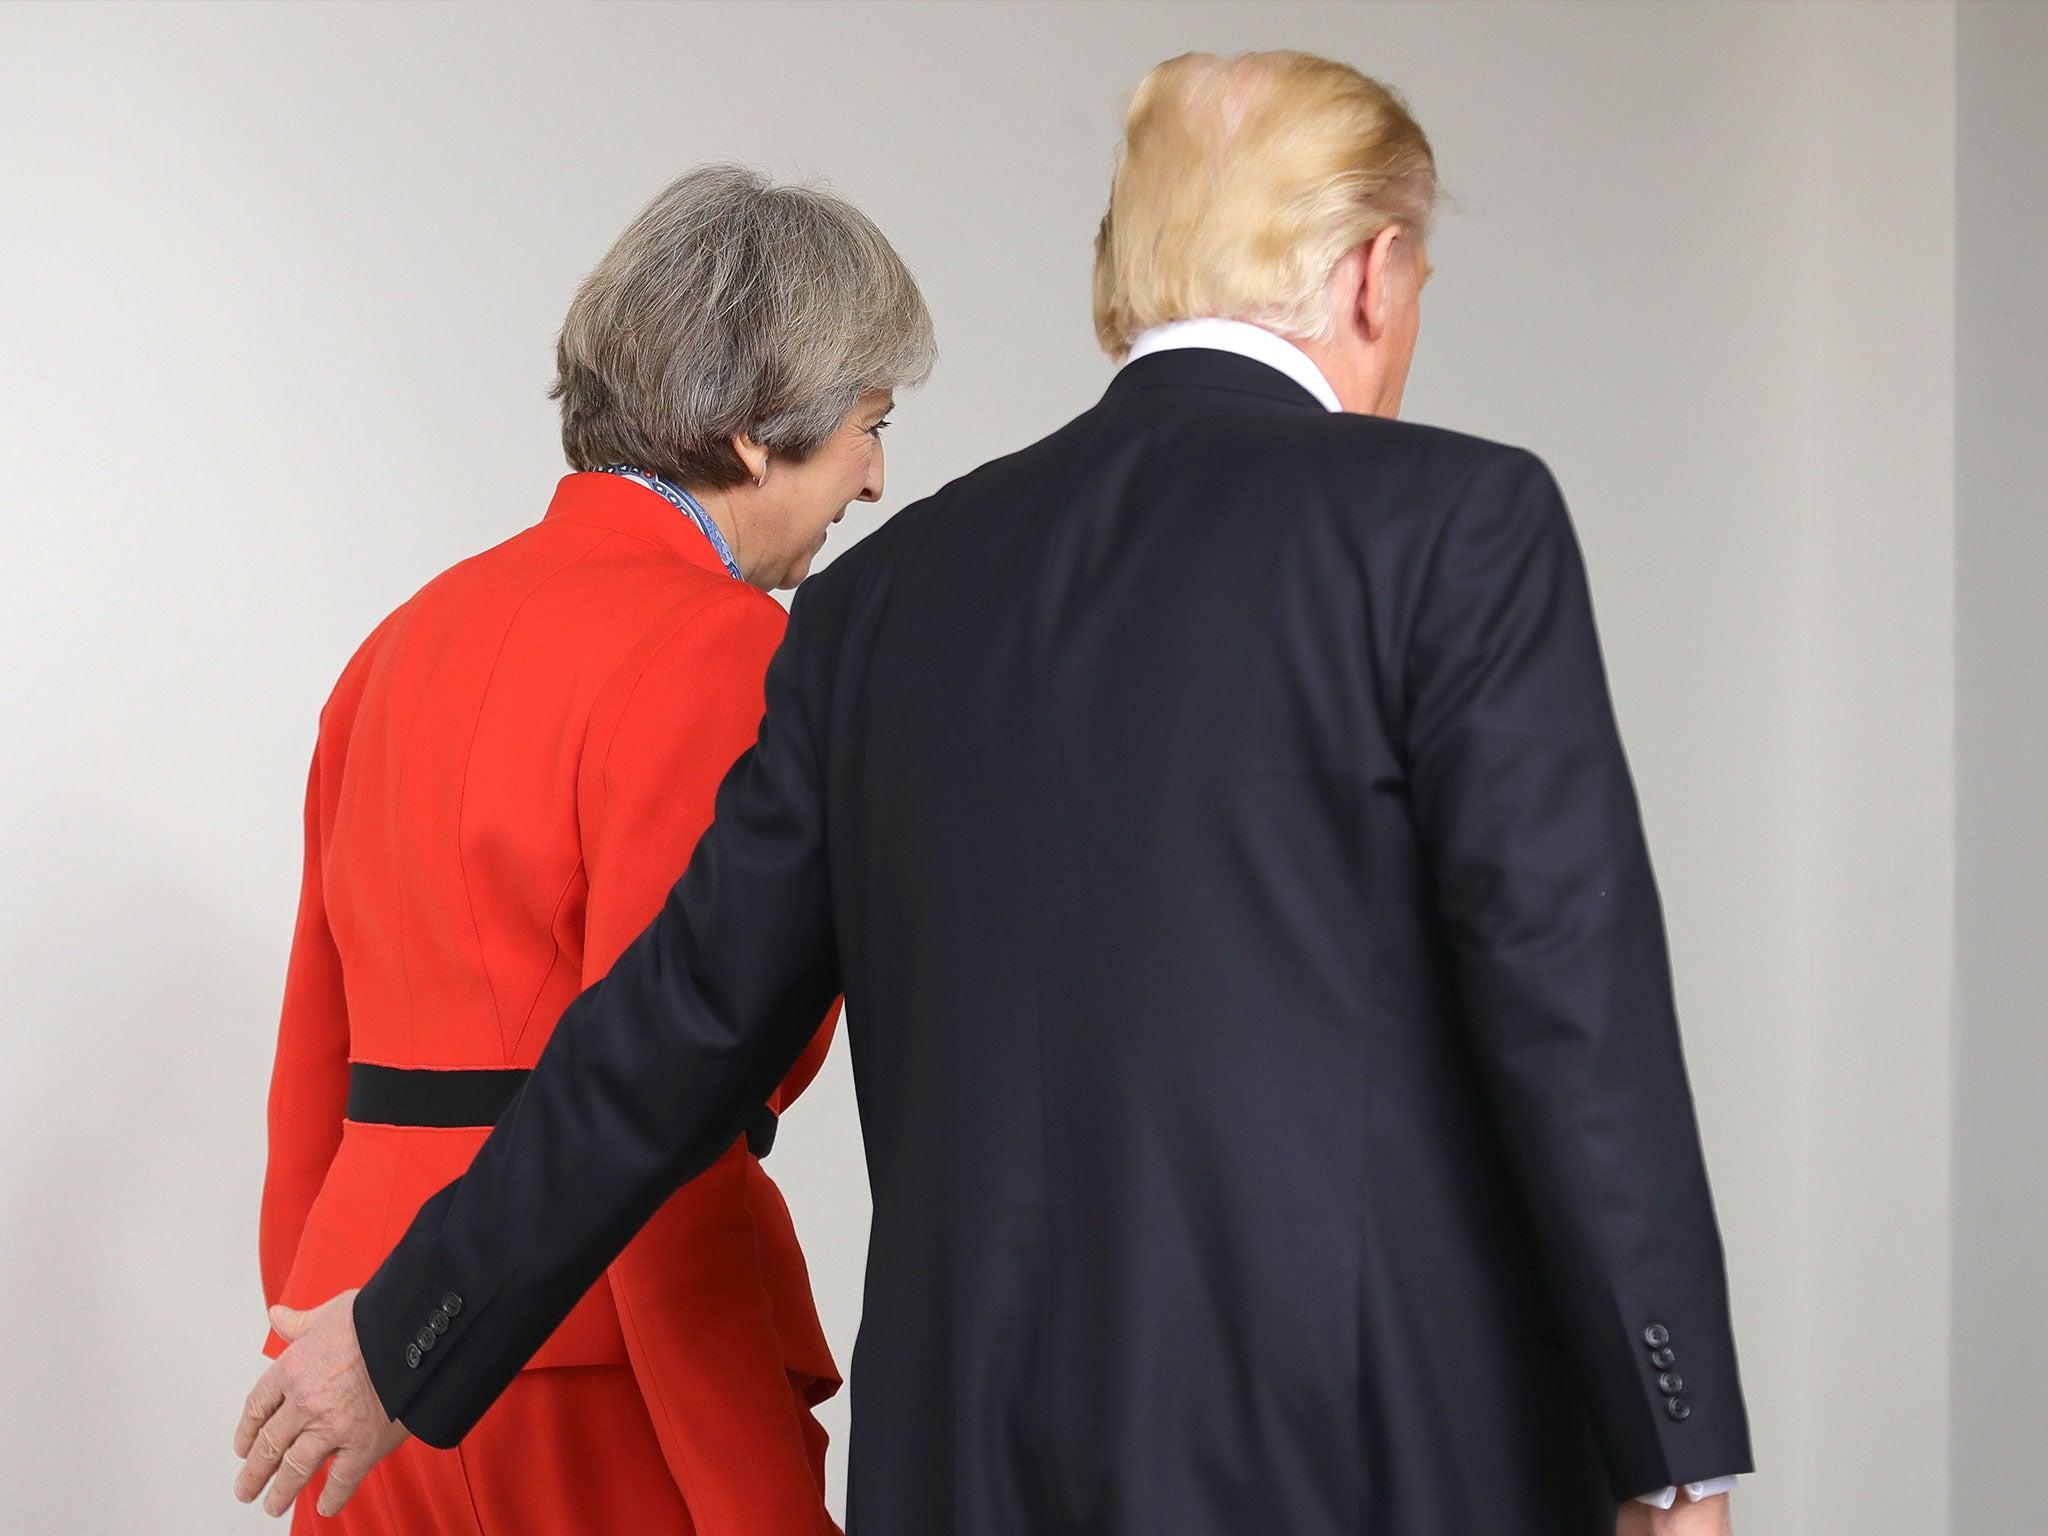 Theresa May congratulates Donald Trump for his 'stunning ...  Theresa May con...